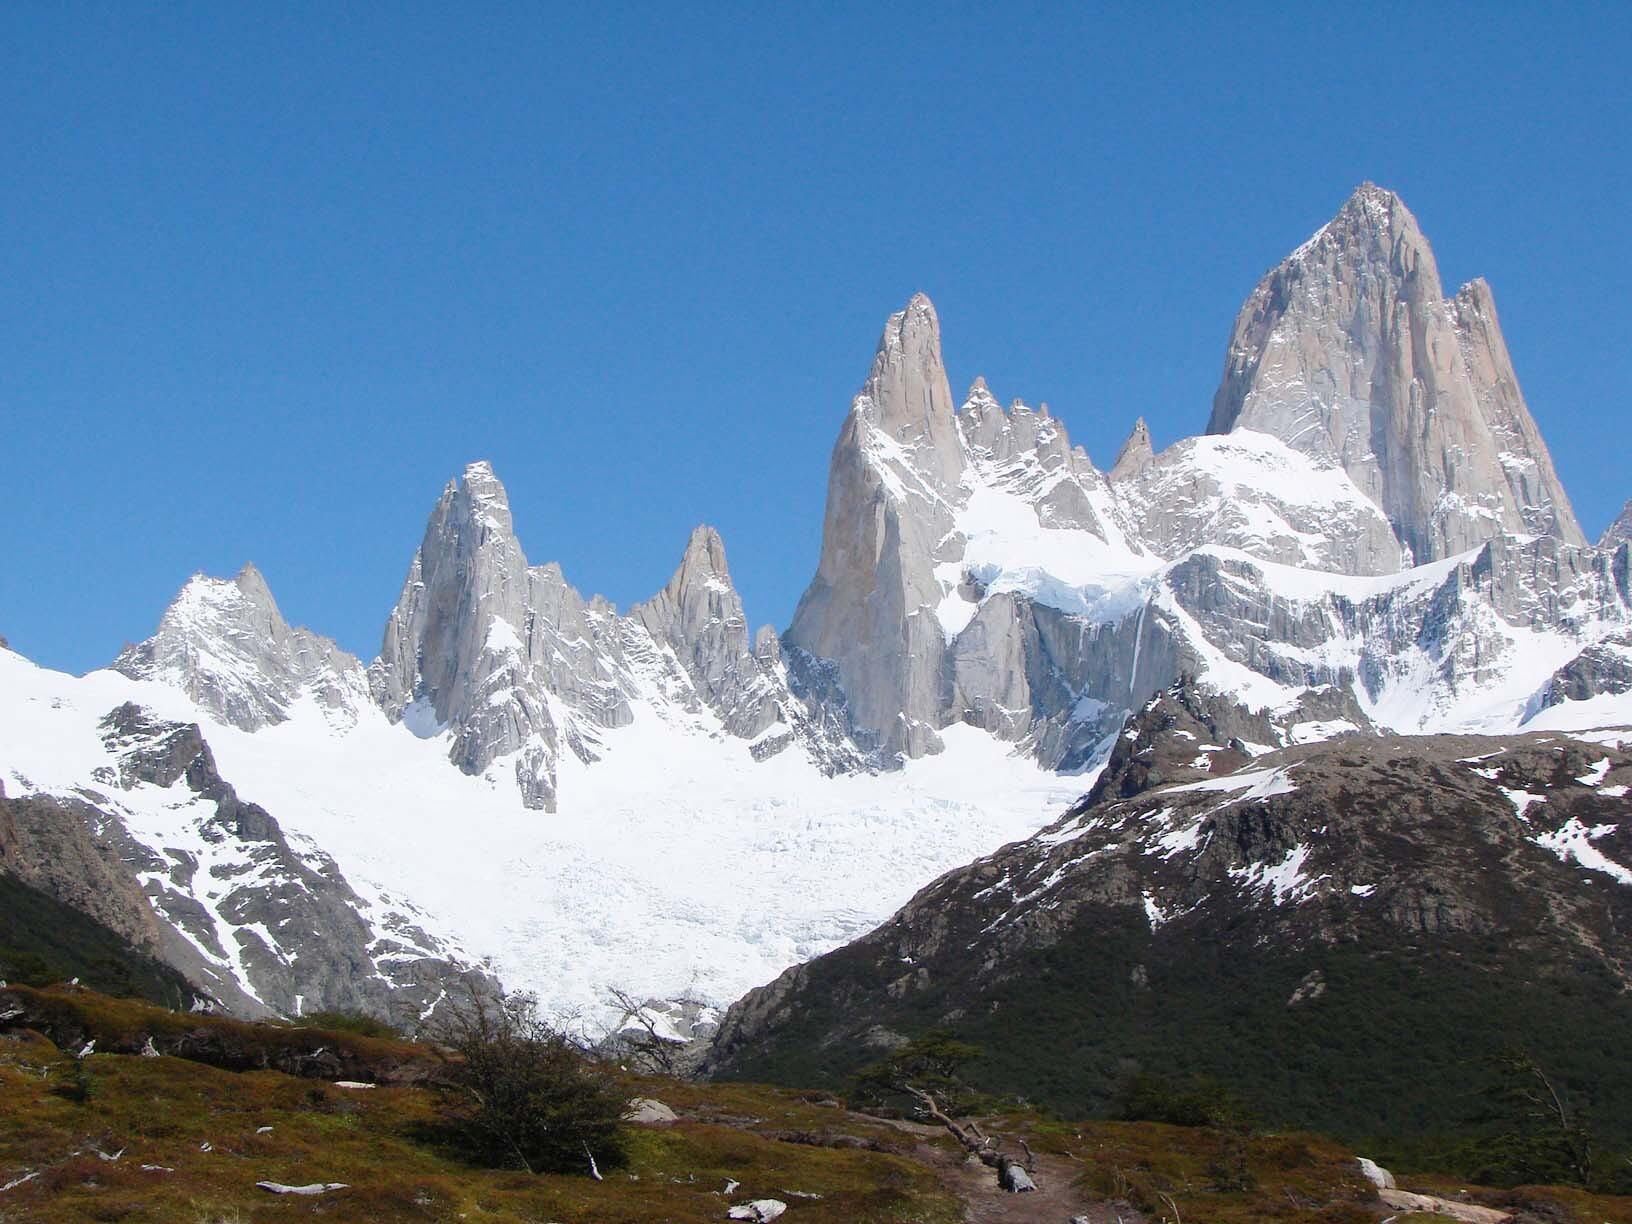 A recompensa da caminhada é a vista incrível que se tem da montanha